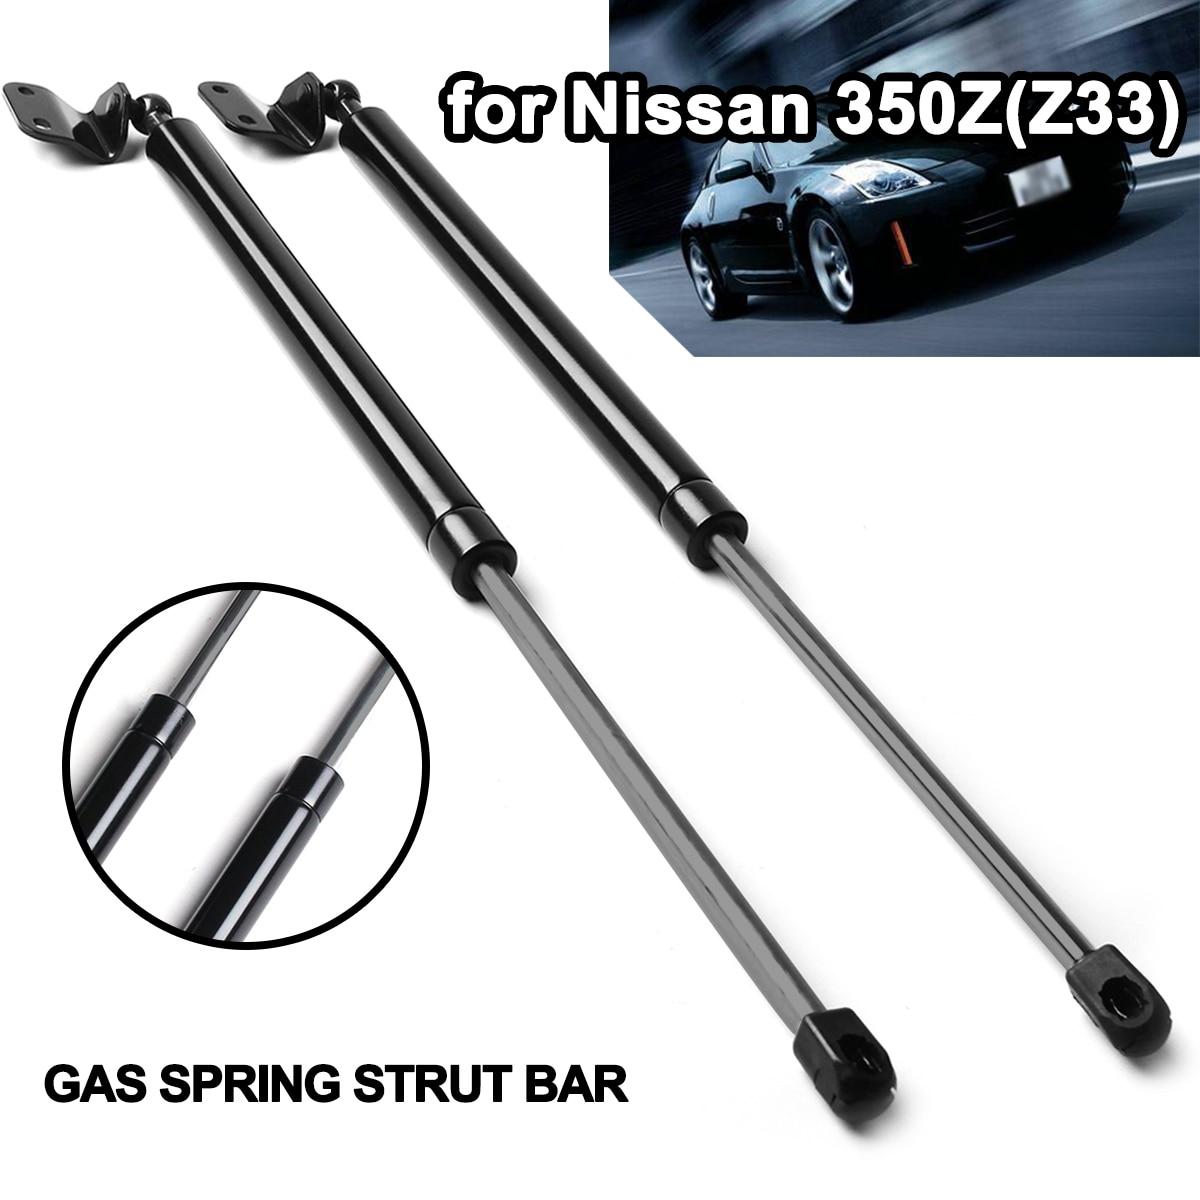 2 шт. автомобиля задний багажник Поддержка багажника, изготовлено fangyuan бар ветровик GS90453 для Nissan 350Z Z33 2003-2008 автомобильные аксессуары